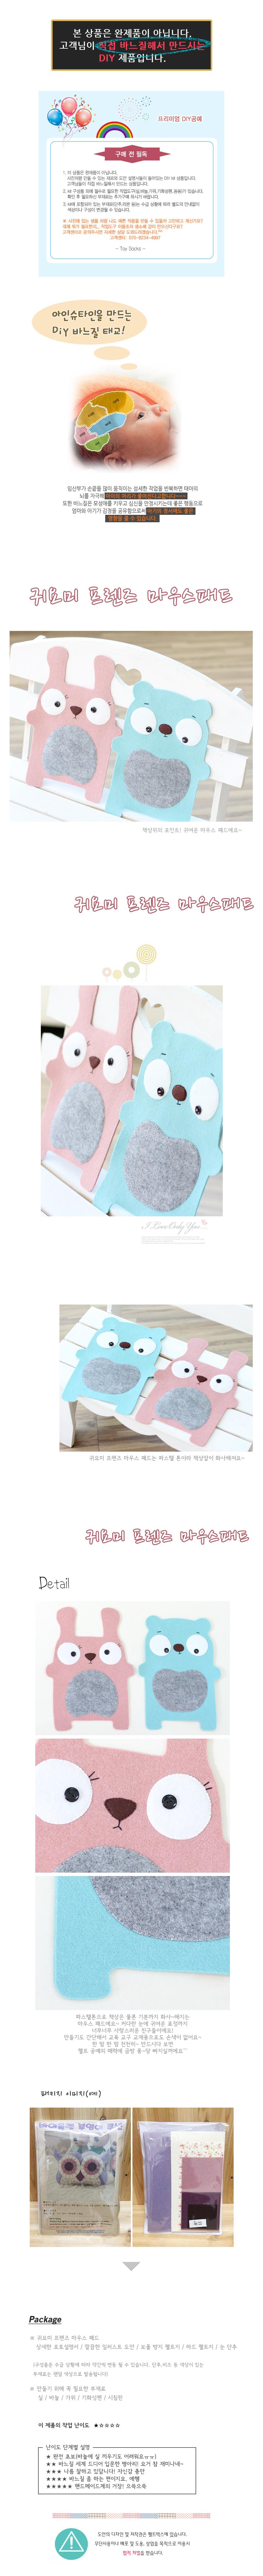 귀요미프렌즈 마우스패드 펠트만들기 - 펠트박스, 3,900원, 펠트공예, 펠트인형 패키지